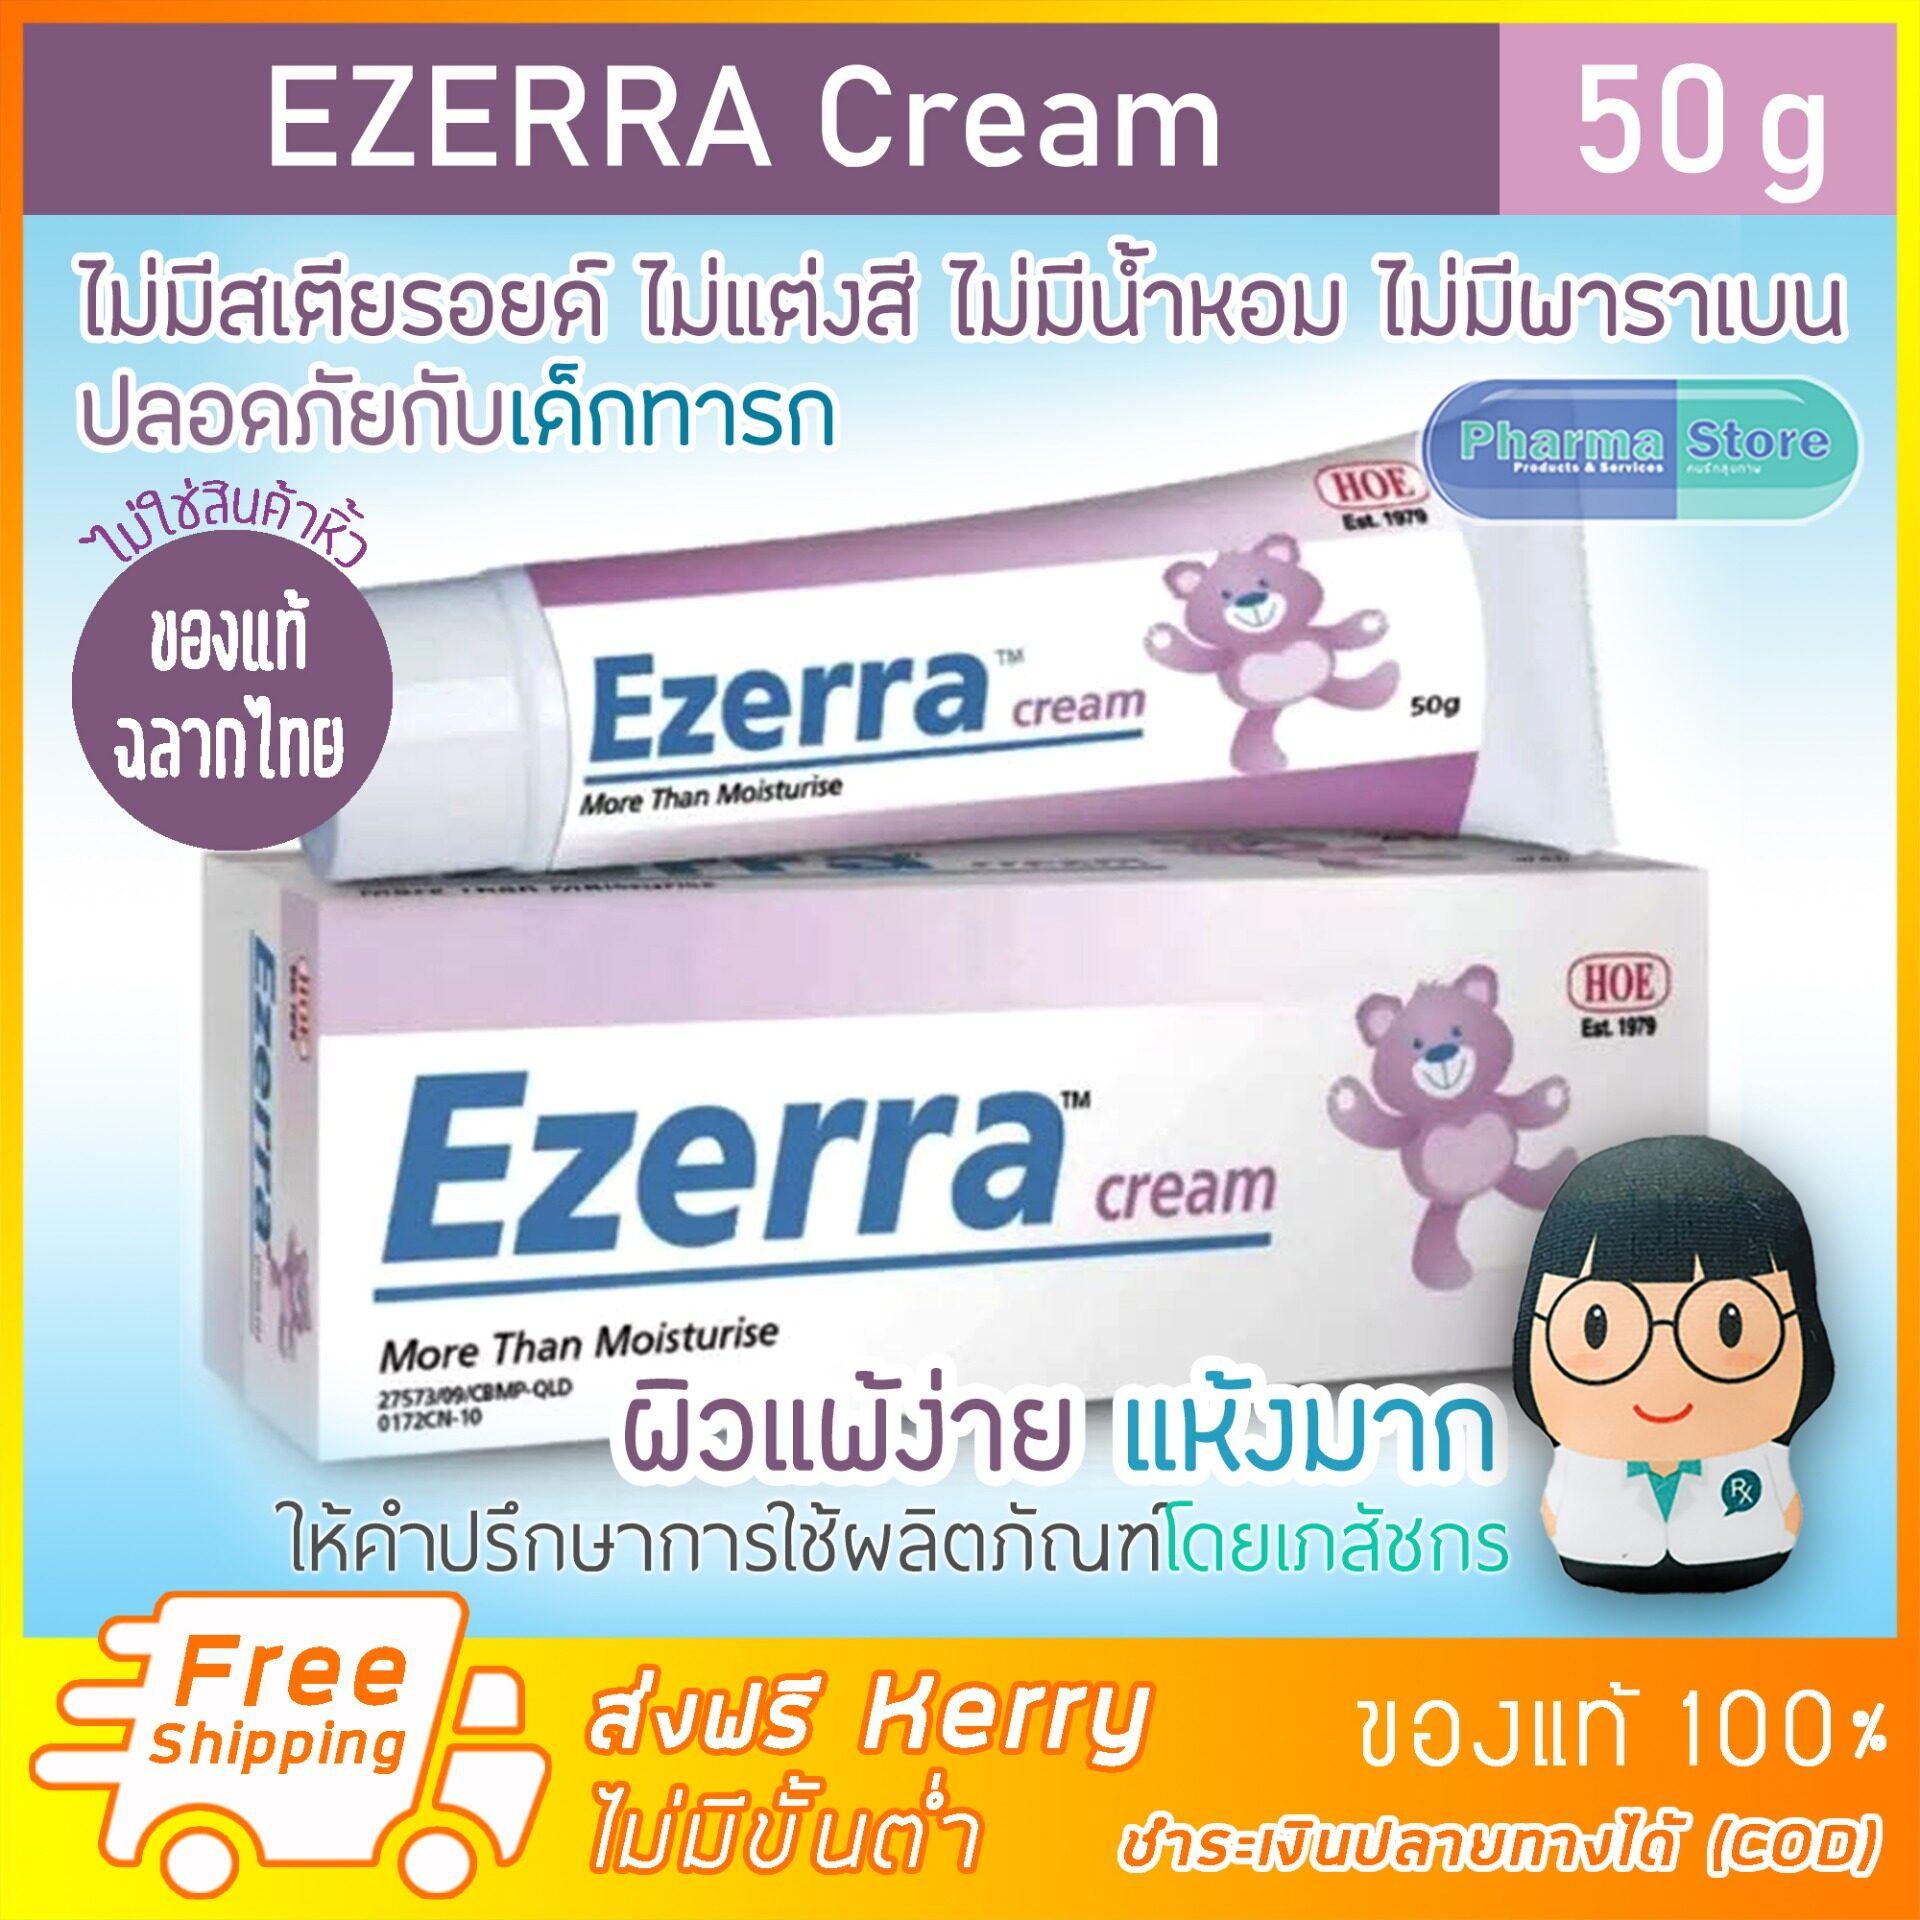 [ของแท้ ส่งฟรี Kerry ไม่มีขั้นต่ำ] Ezerra Cream 50 g [EXP. 03/2021] อีเซอร์ร่า ให้ความชุ่มชื้น สำหรับผู้ที่มี ผิวบอบบาง ผิวแพ้ง่าย ผิวหนังอักเสบ แห้ง คัน ไม่มีสเตียรอยด์ ไม่มีน้ำหอม ไม่มีพาราเบน สามารถใช้ได้กับ เด็กทารก (ของแท้ ฉลากไทย ไม่ใช่ของหิ้ว)